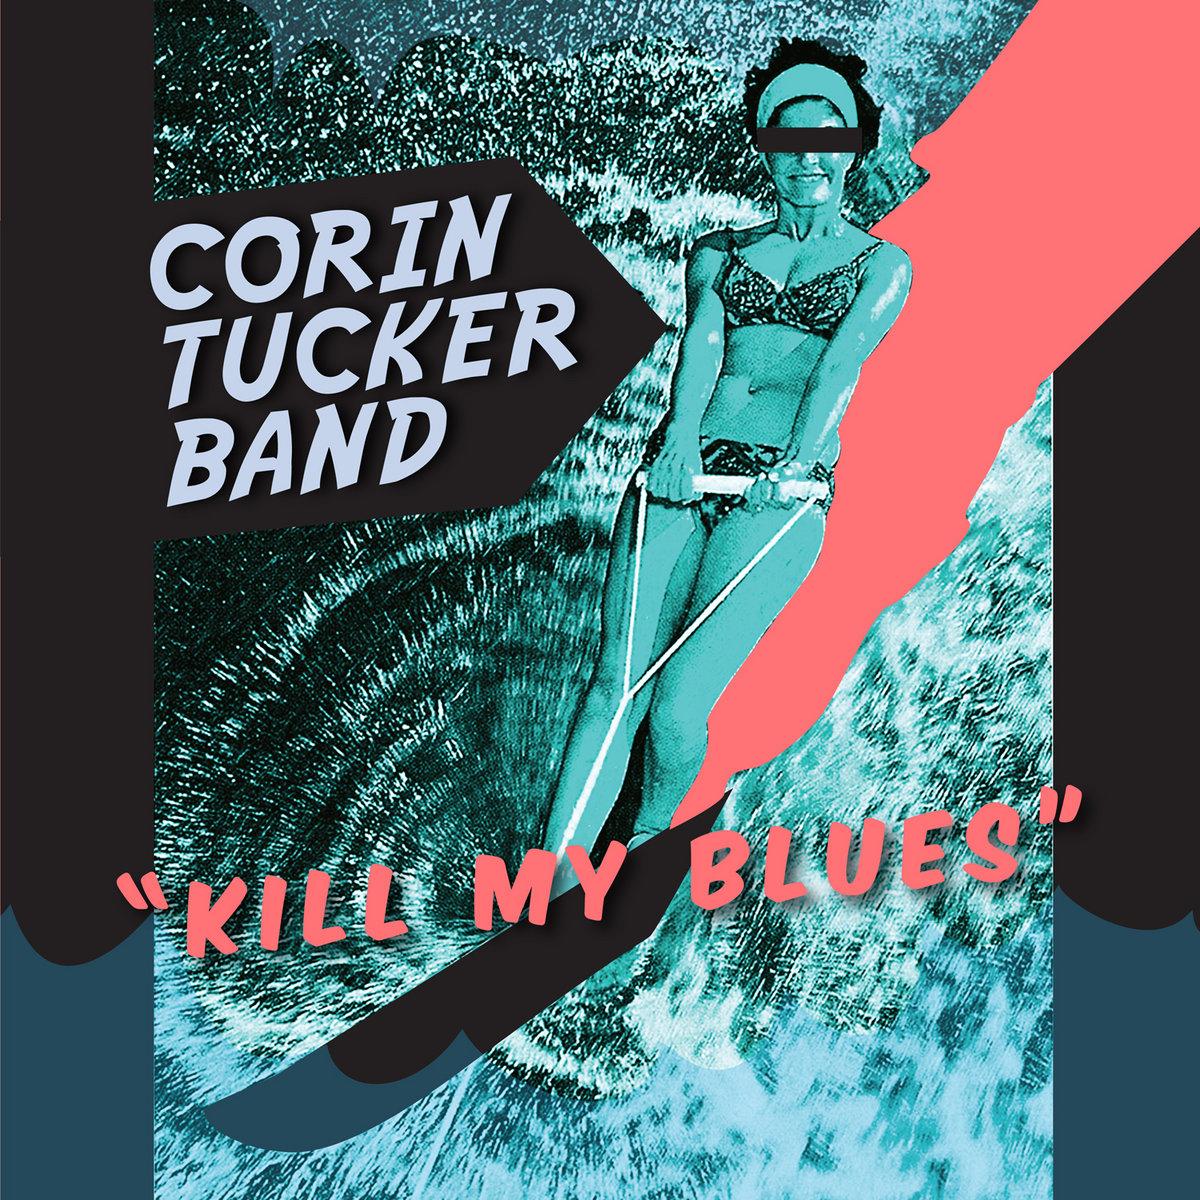 Kill My Blues   Corin Tucker Band